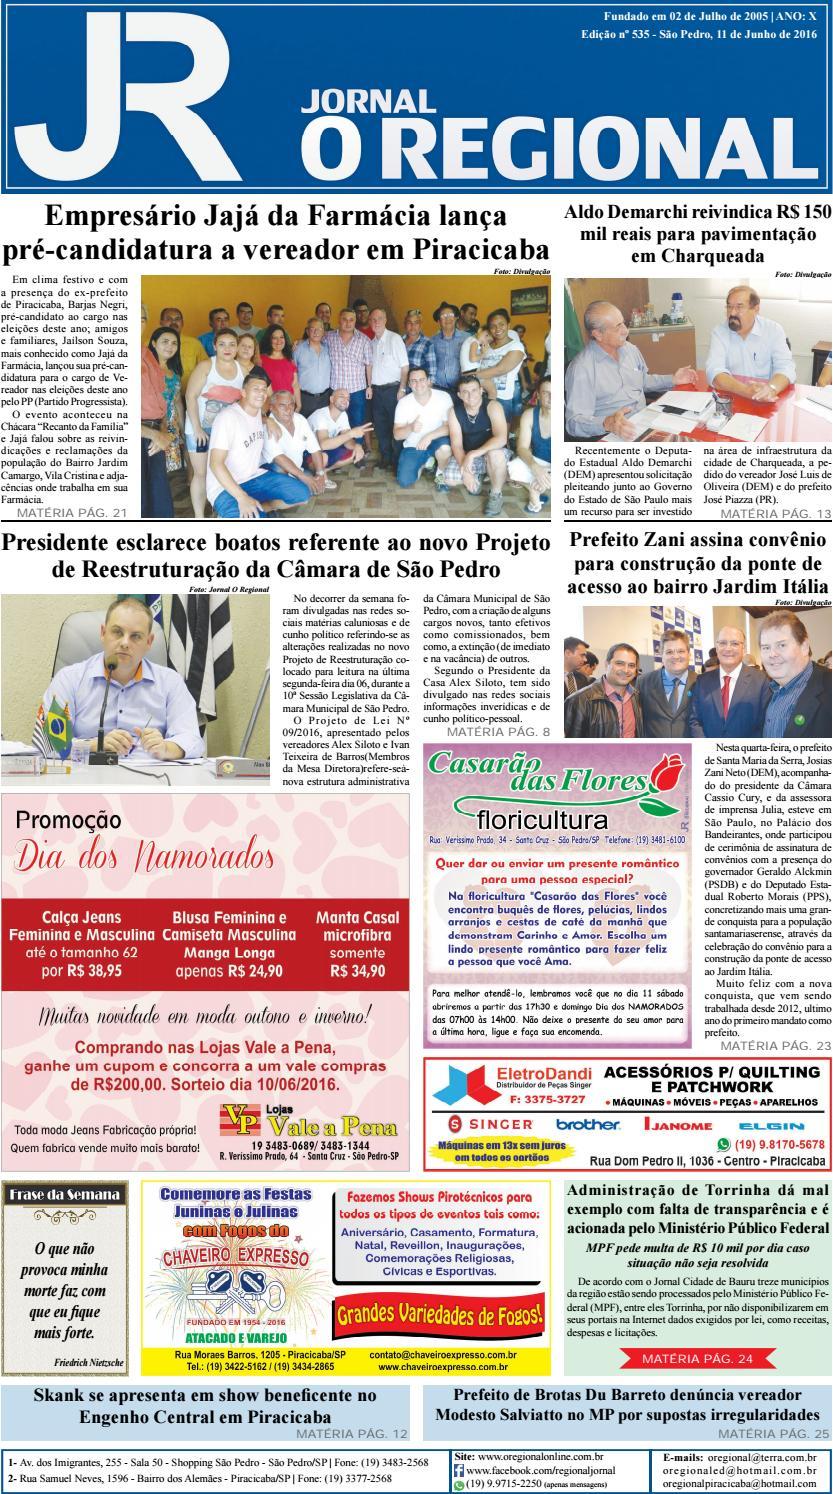 1ea1c59cea952 Jornal o regional edição 535 11 06 2016 site by Jornal O Regional - issuu